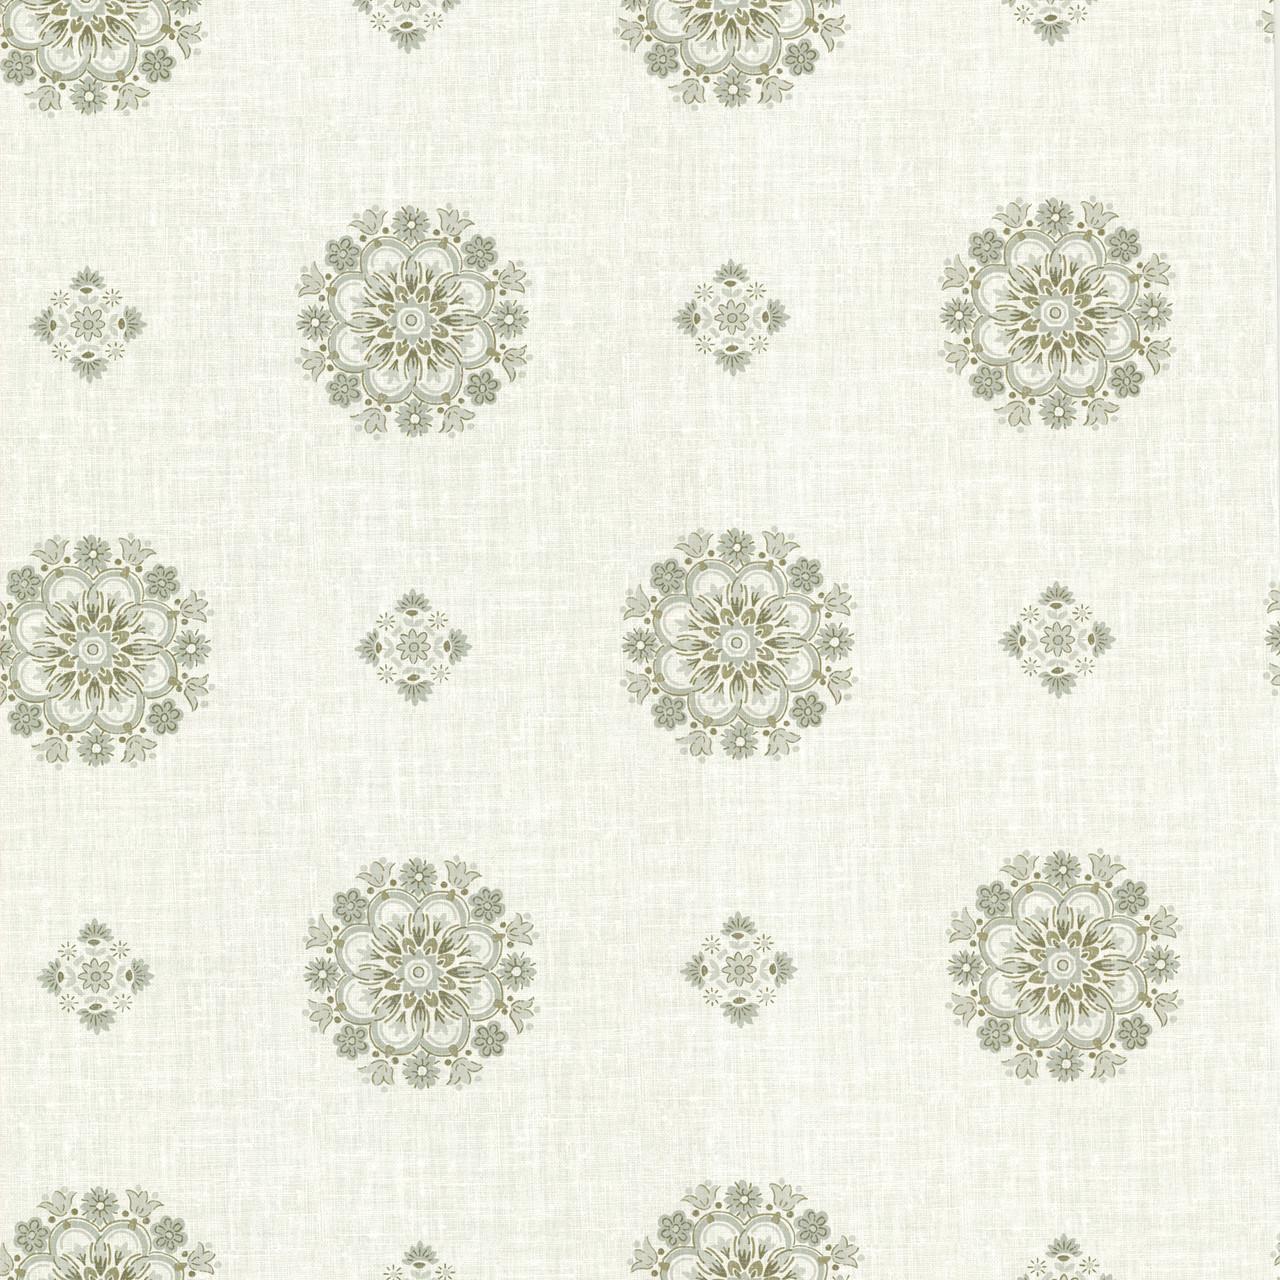 La Belle Maison Vintage Floral Medallion Moss Wallpaper 302 66825